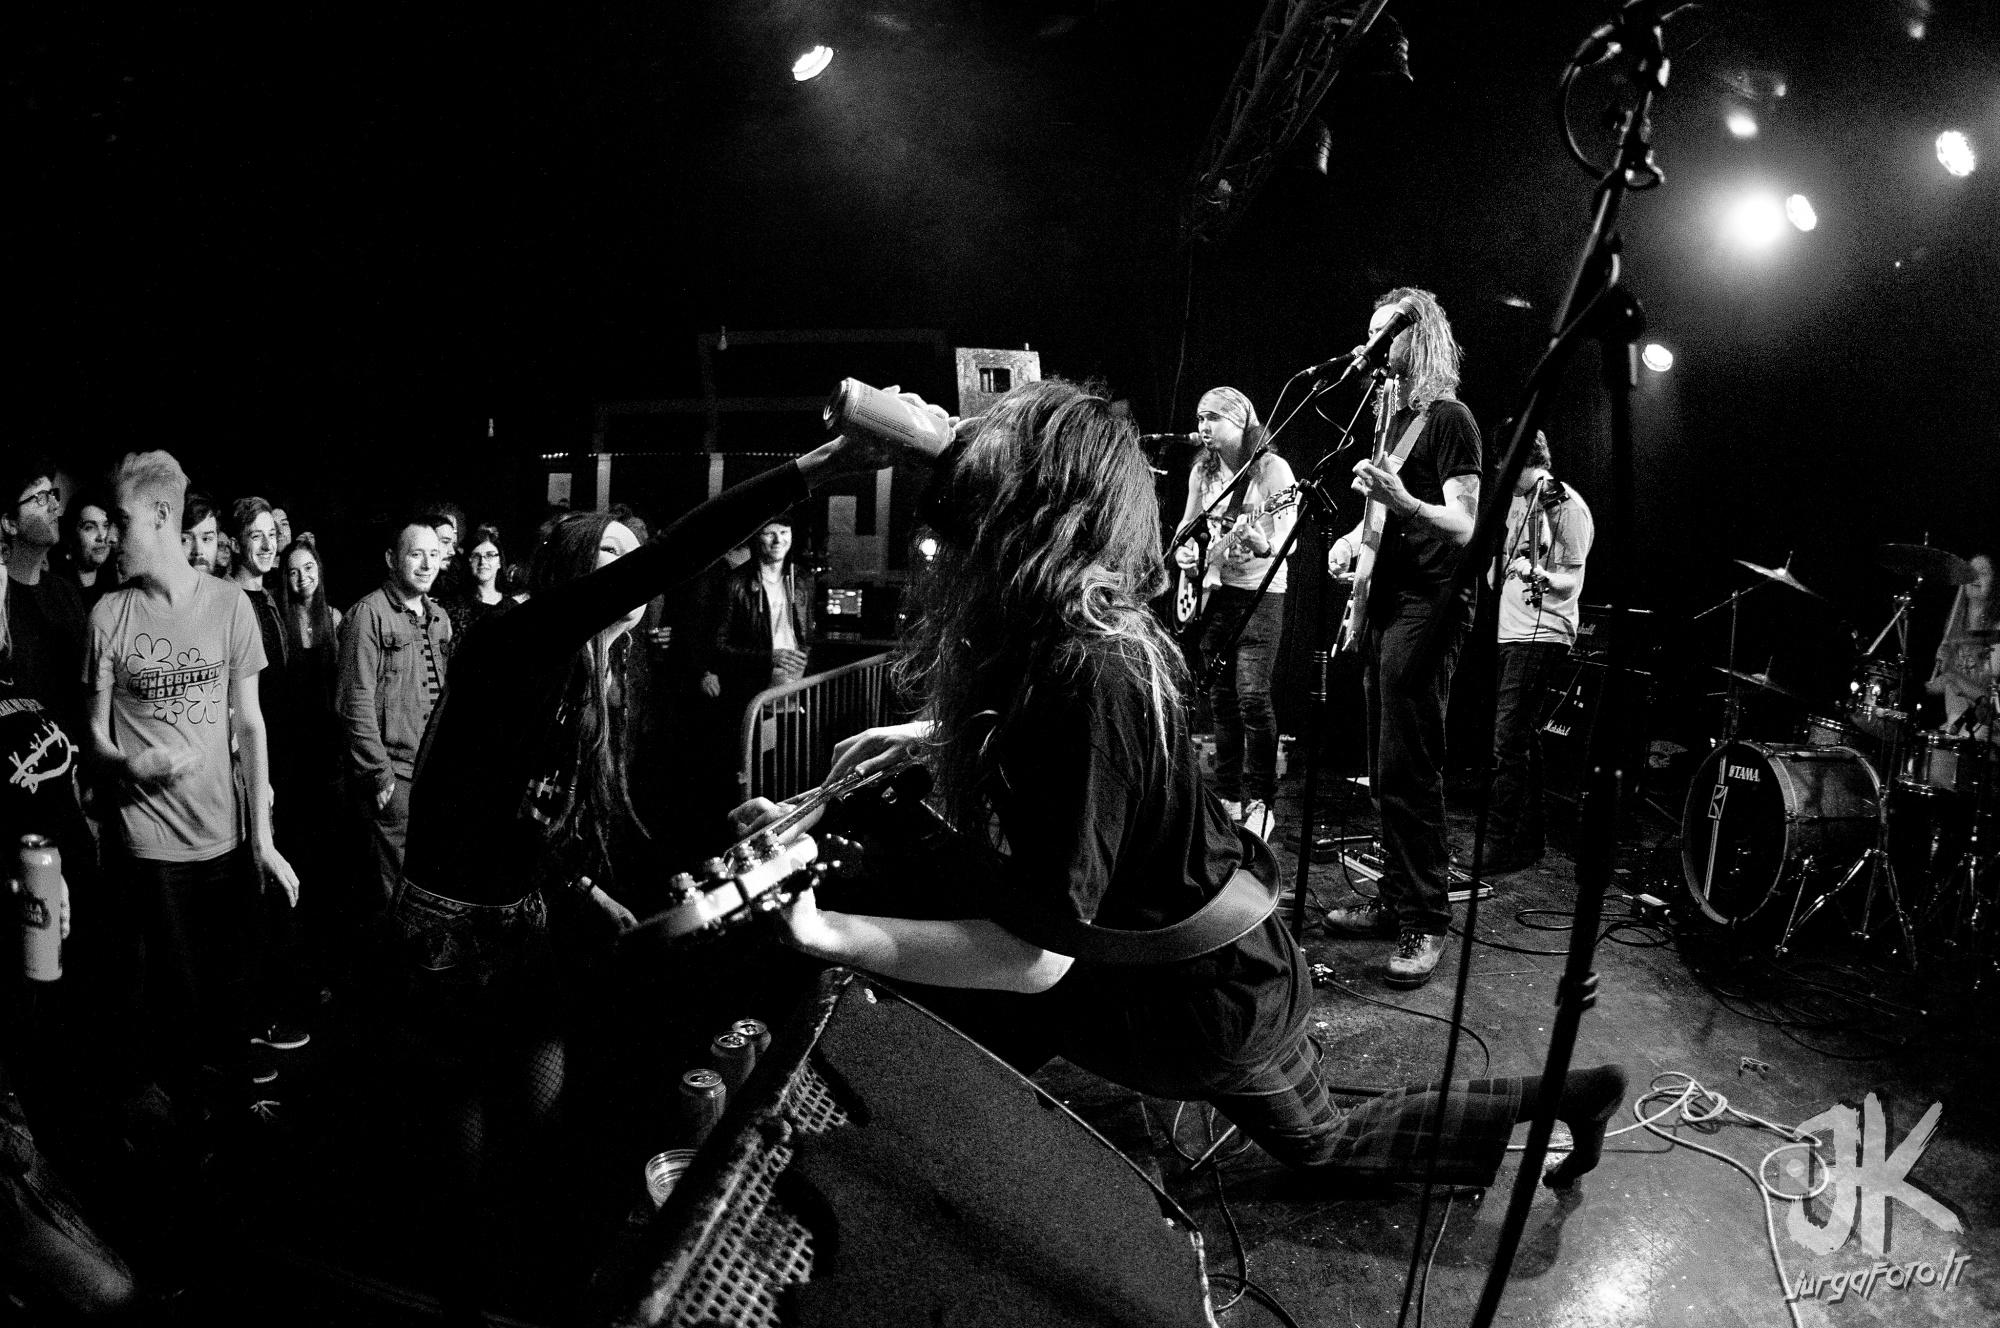 Visceral Noise Departament gig in Glasgow